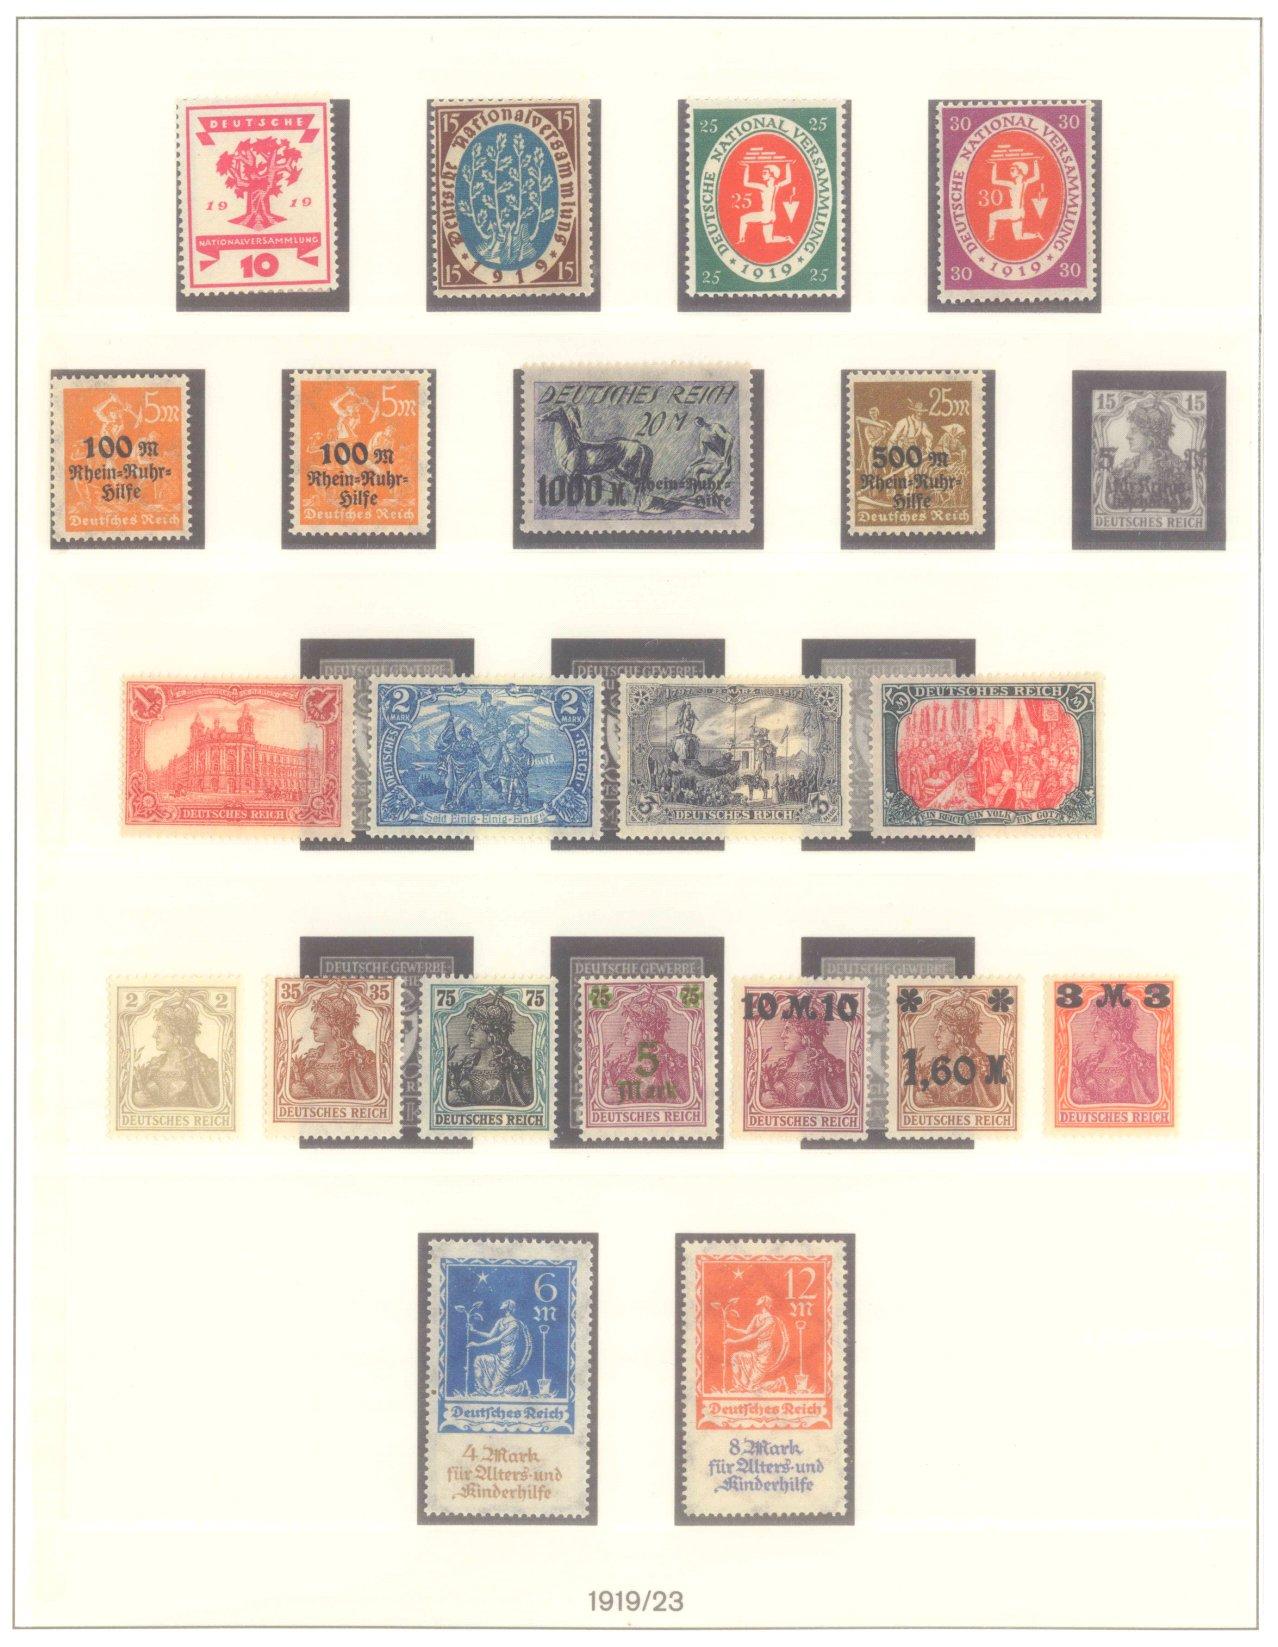 DEUTSCHES REICH INFLATIONSZEIT 1916-1923